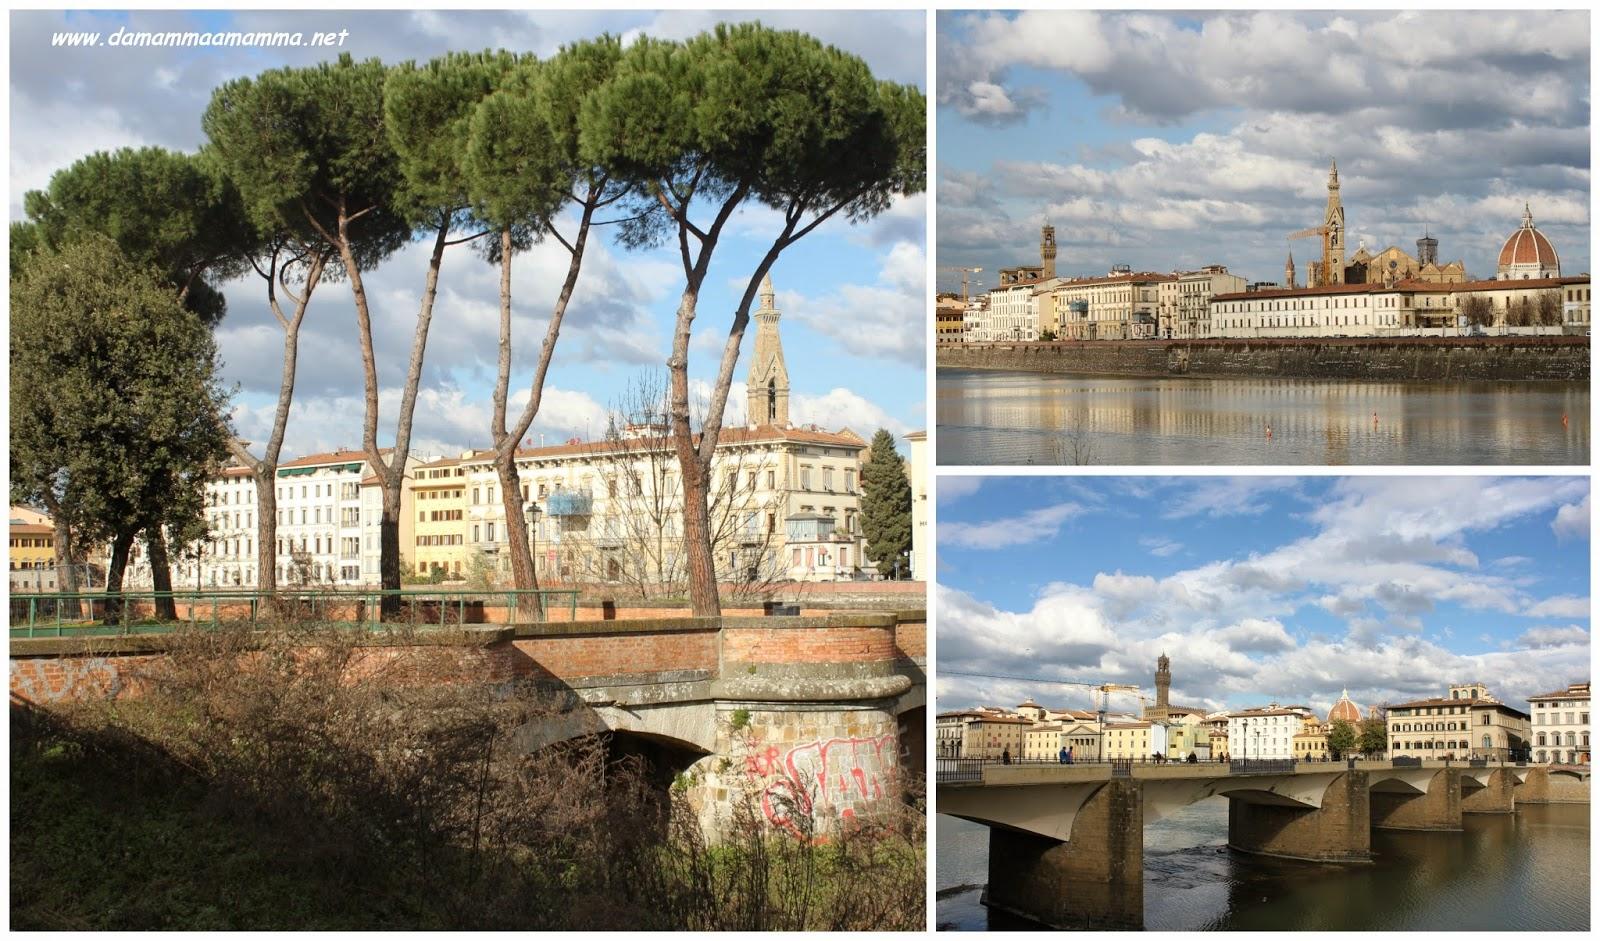 Firenze-paesaggio-fiume-arno